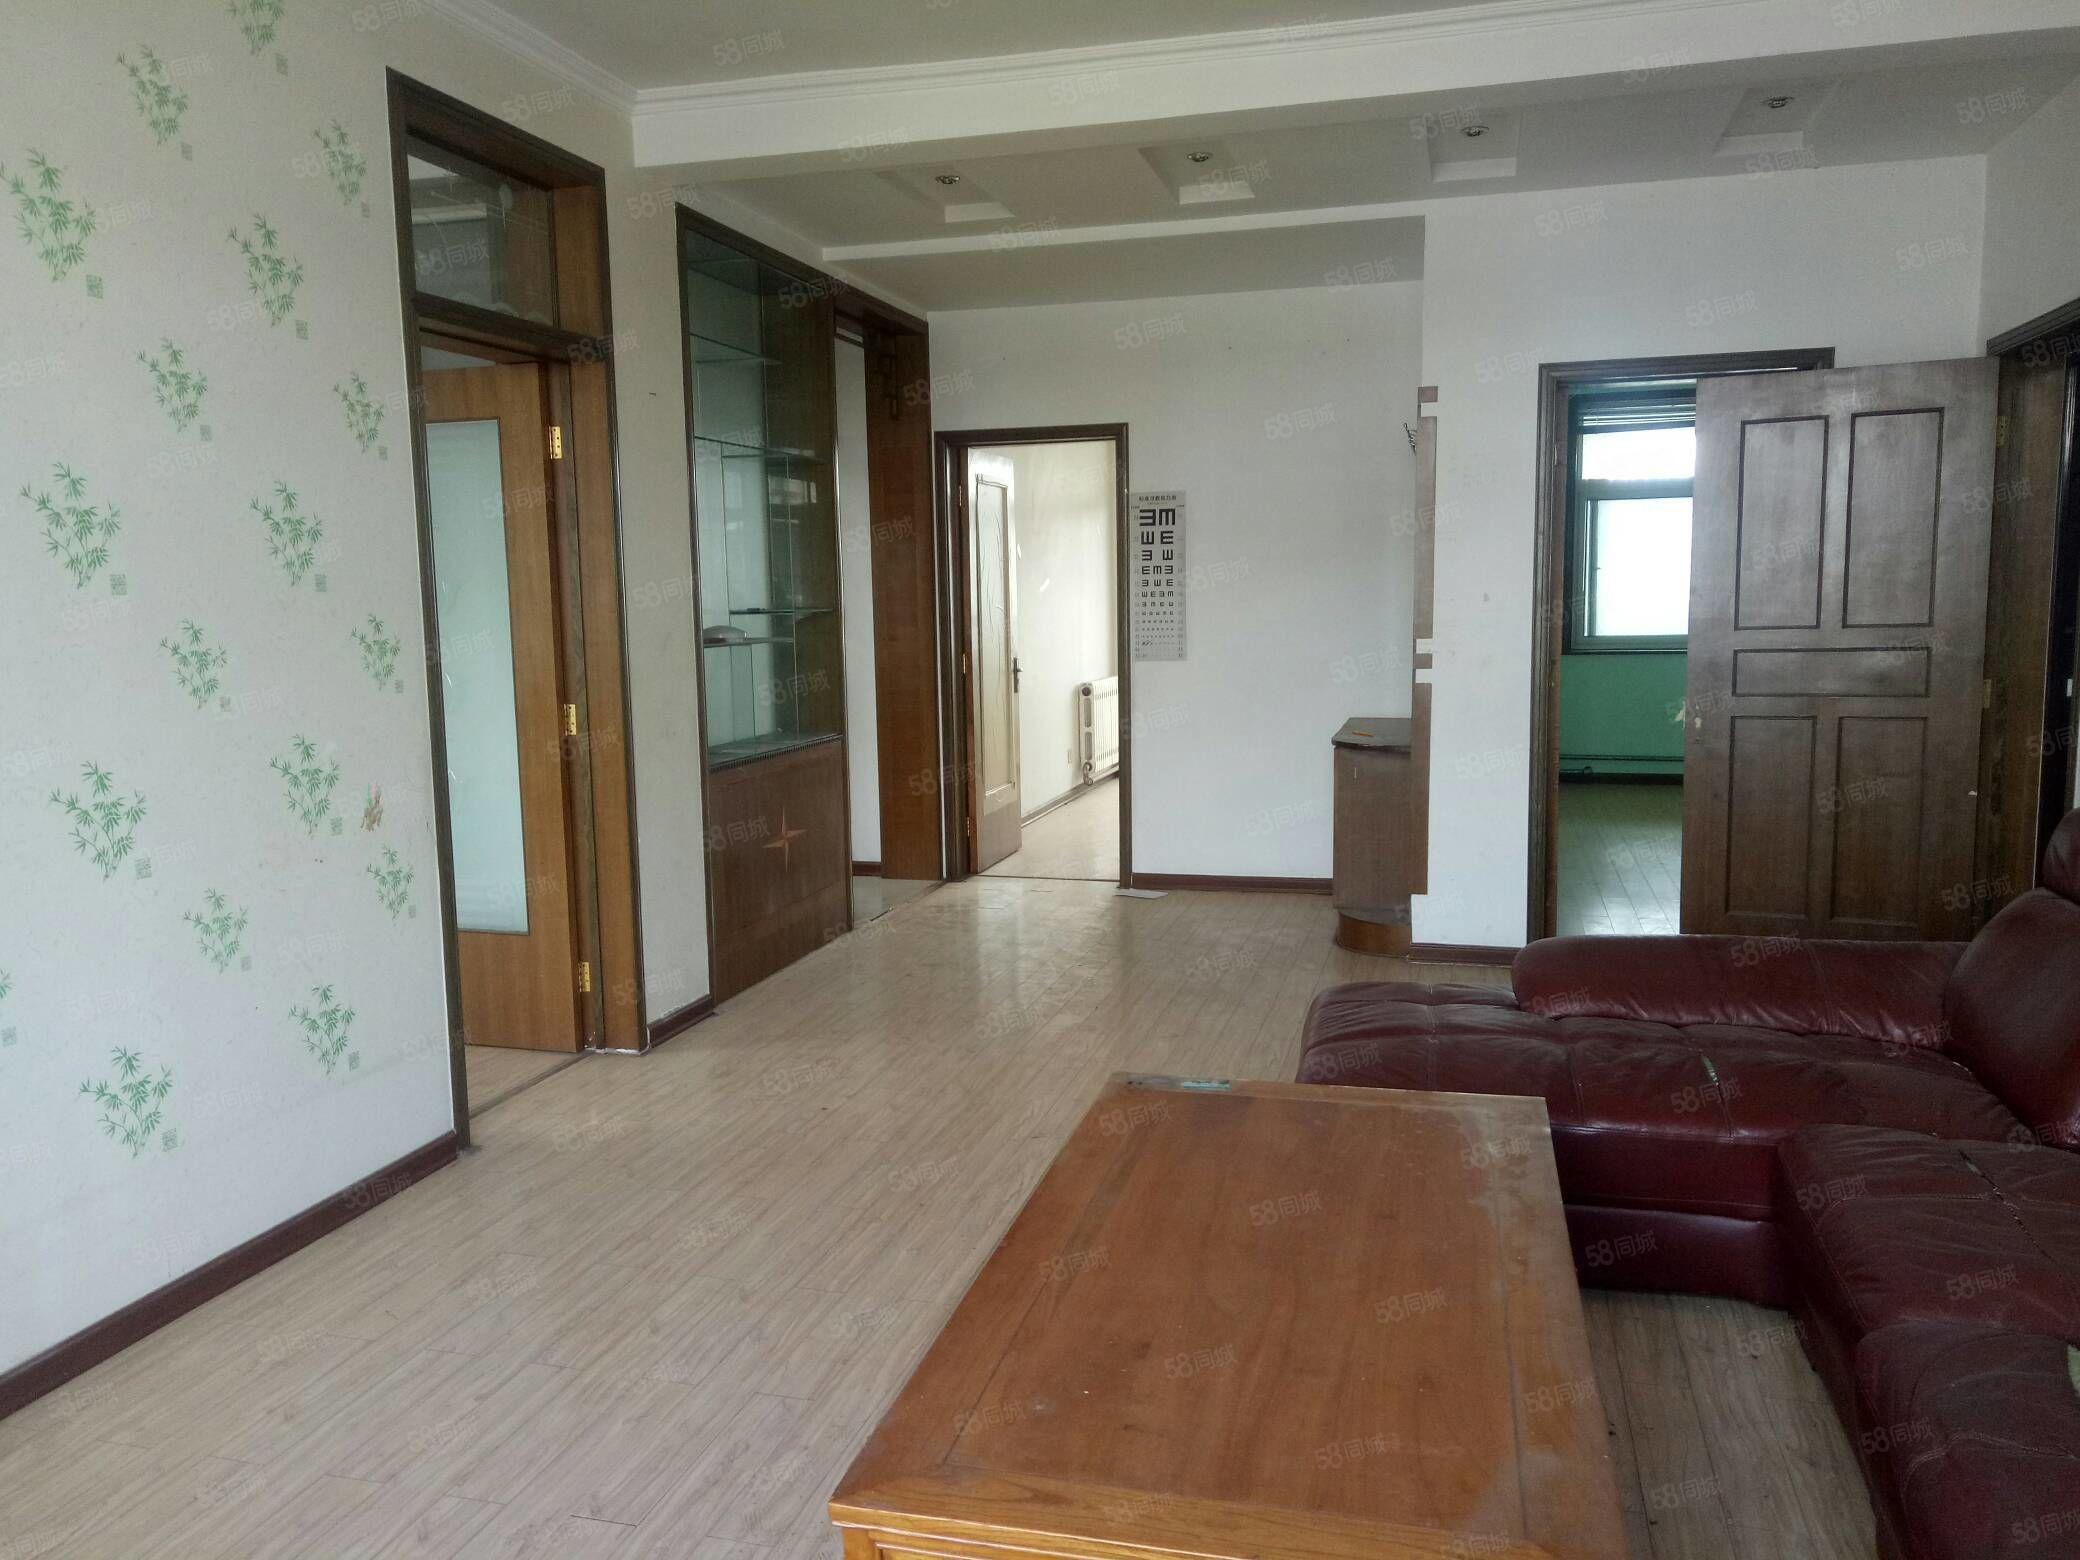 沂山嘉苑緊鄰龍泉實驗學區房136平帶閣樓90平大車庫